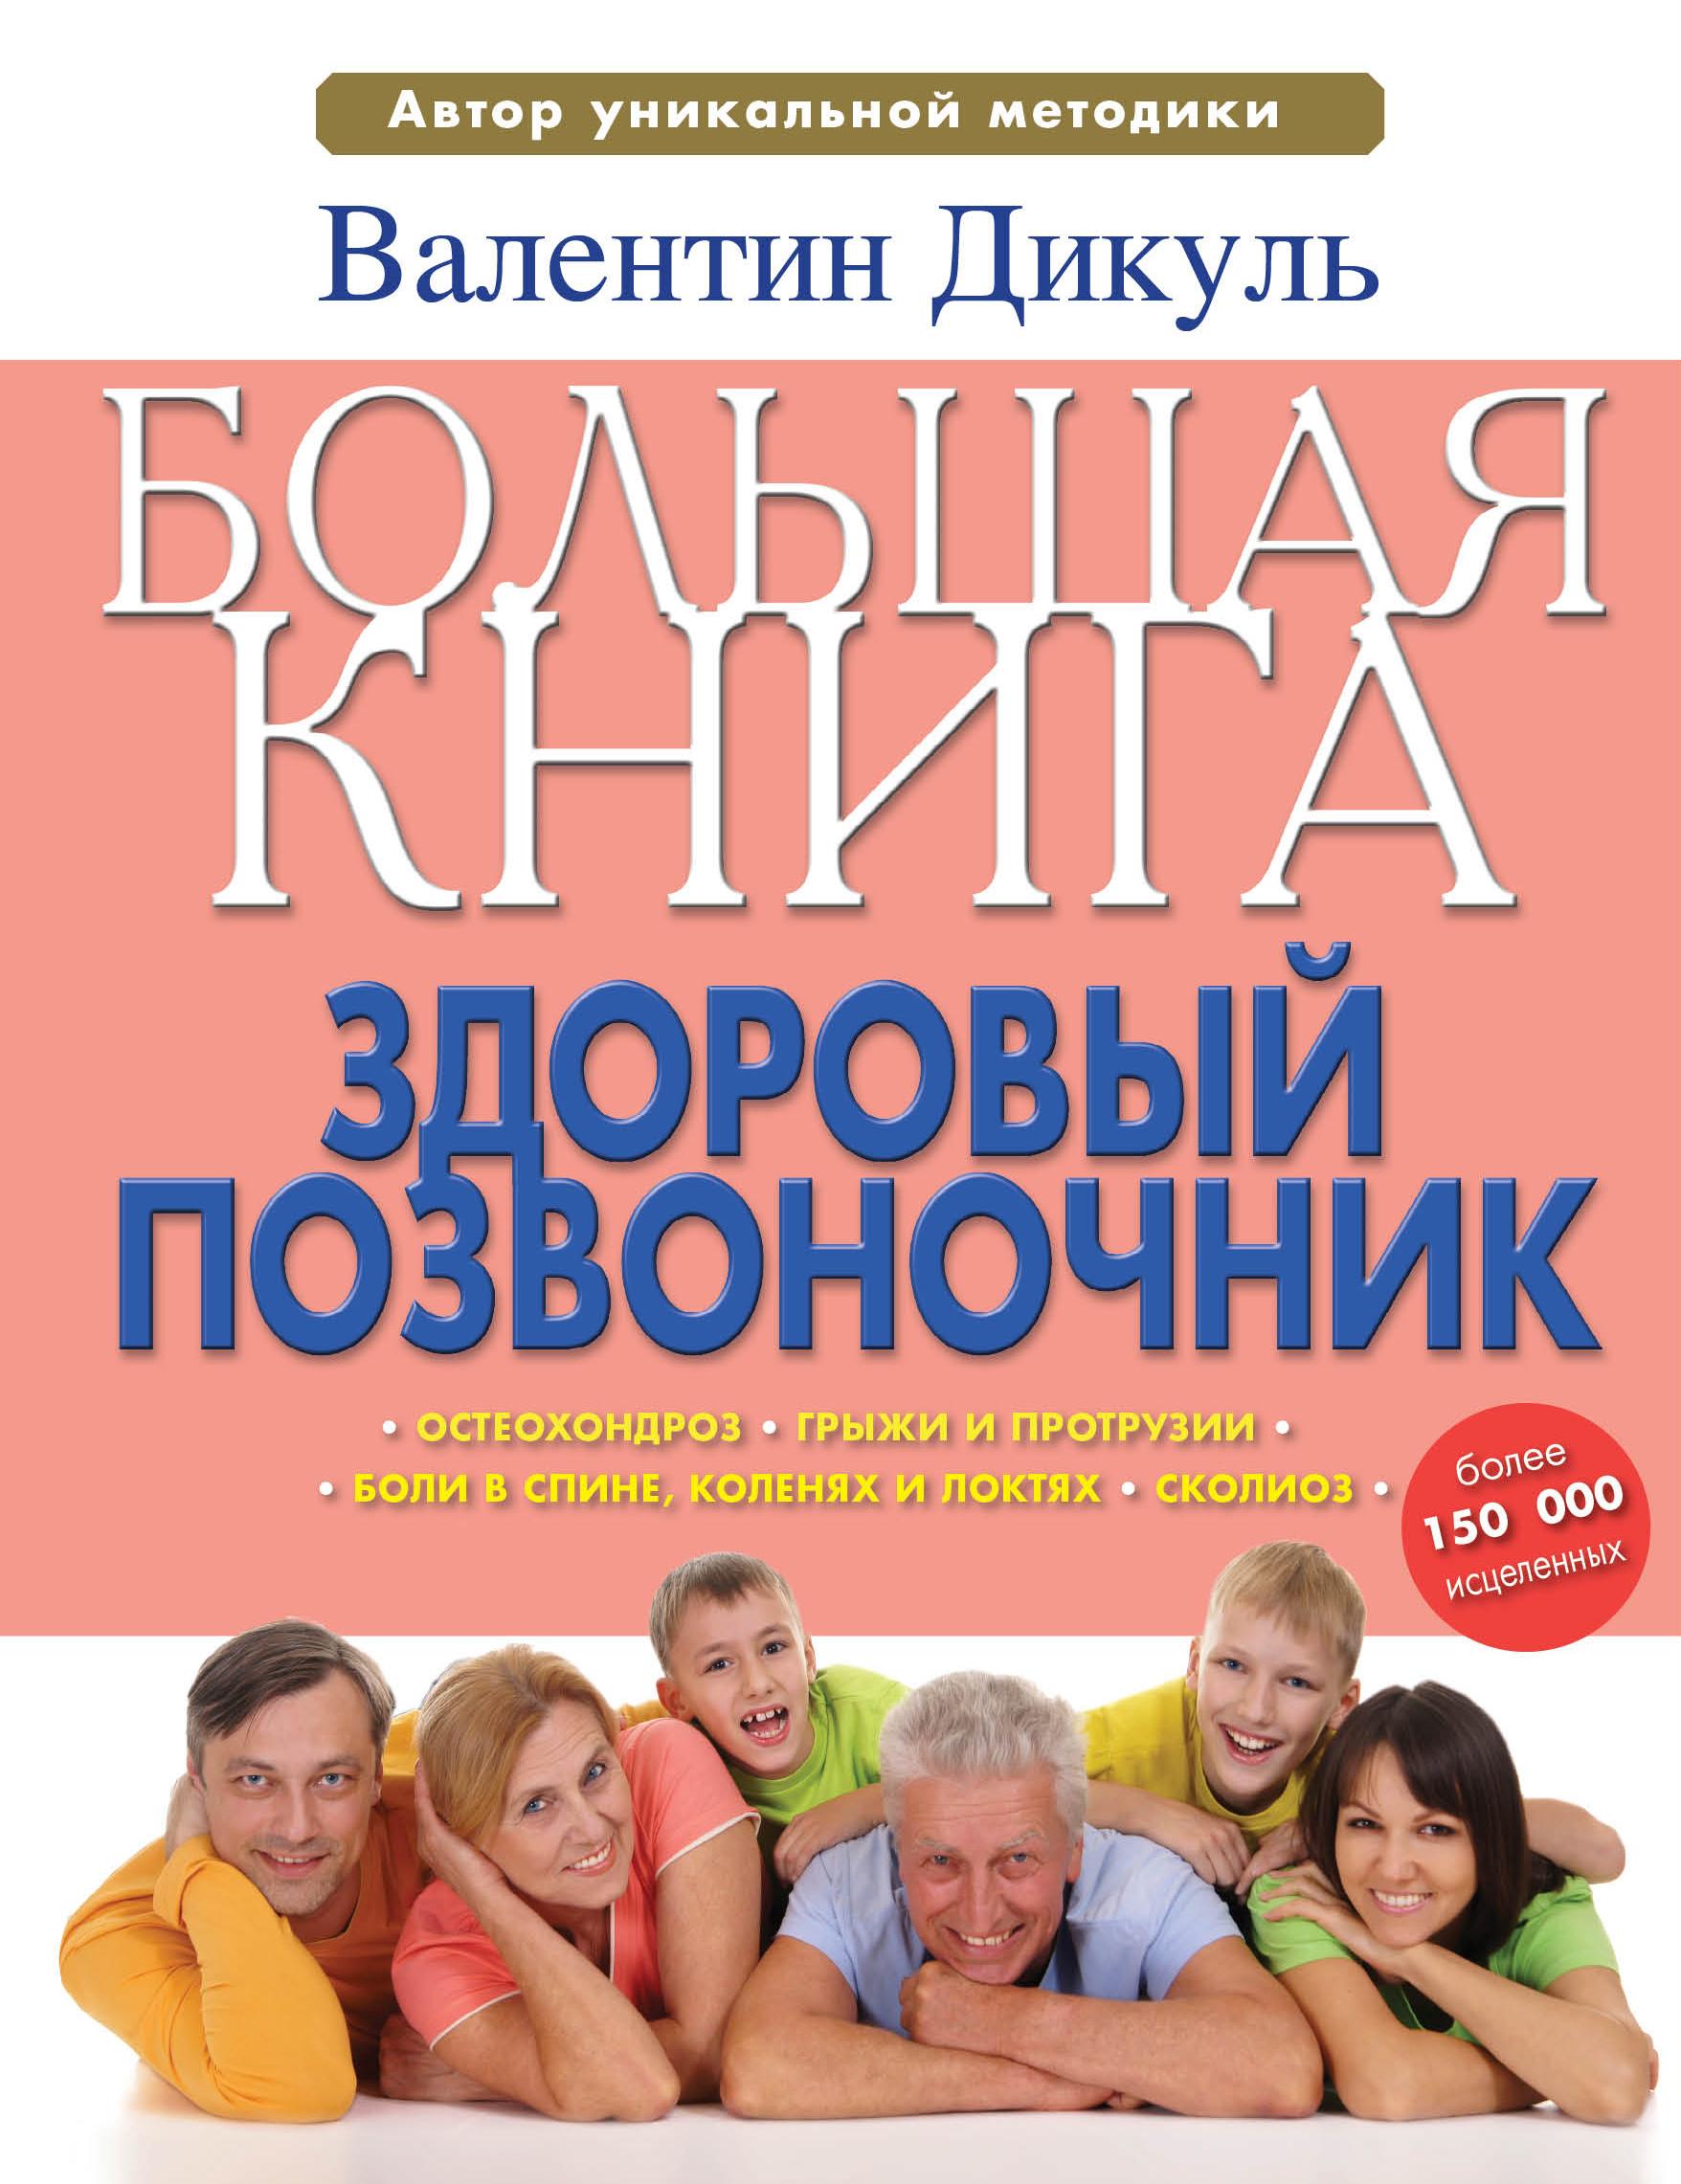 Большая книга: здоровый позвоночник